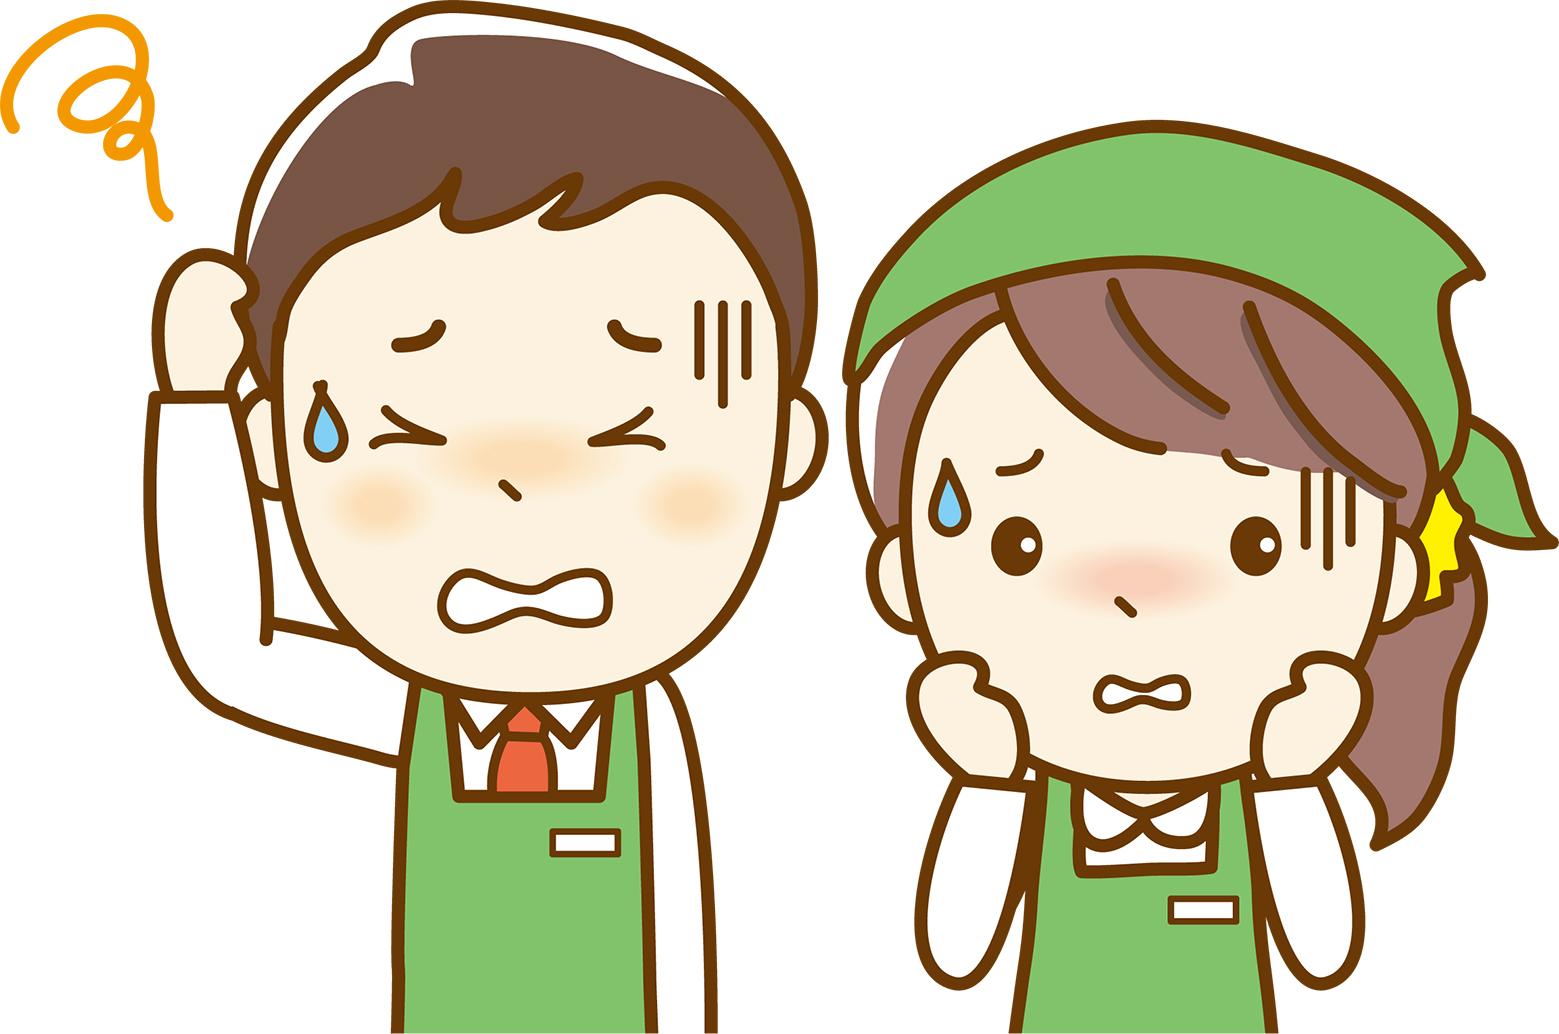 札幌のマクドナルドで働いているがウーバーイーツ始まってパニックだ